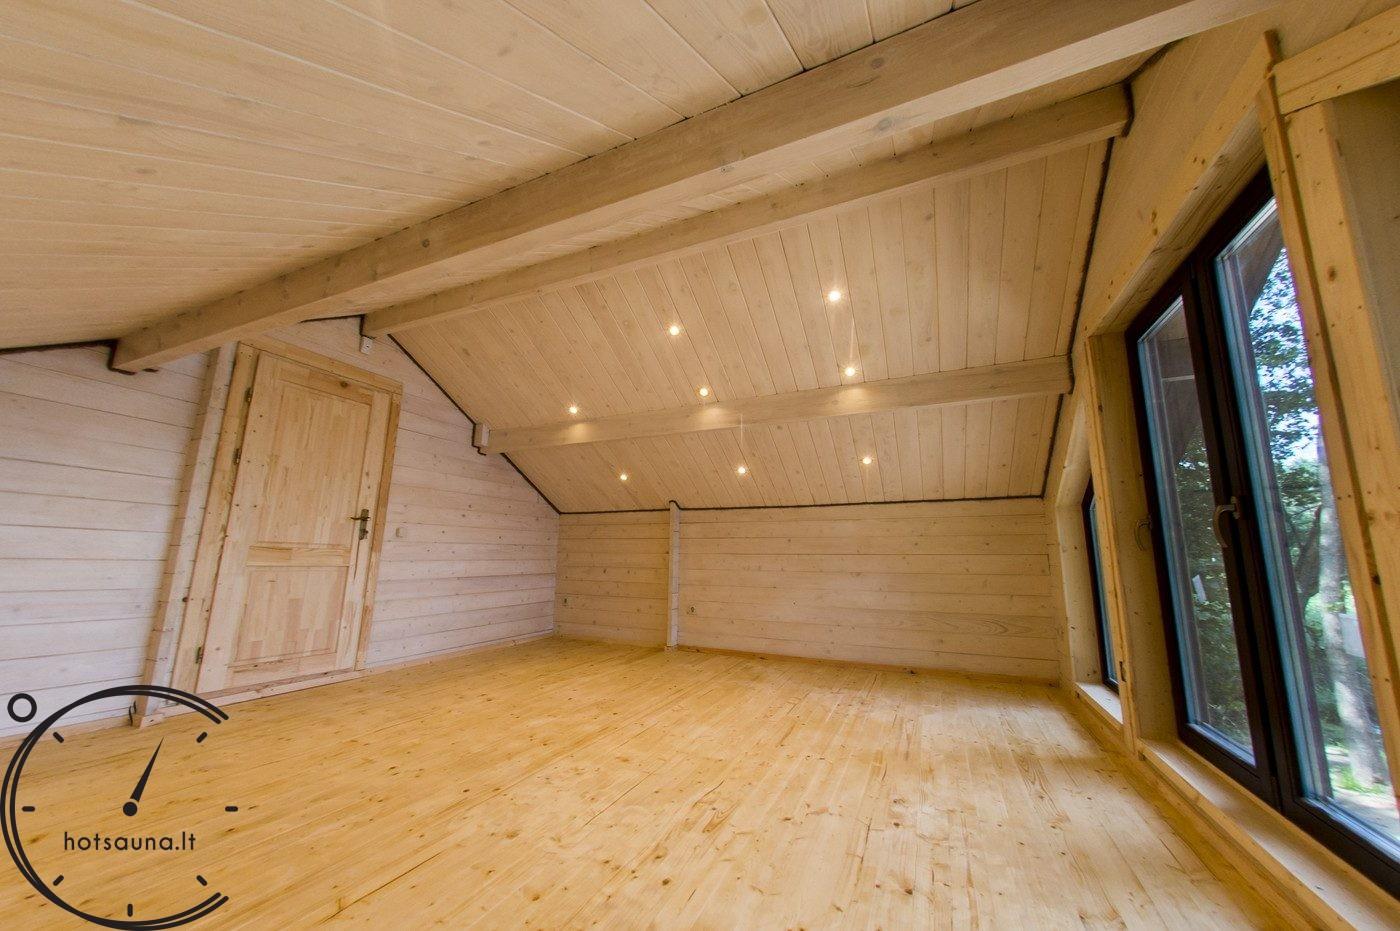 sauna for sale außerhalb der (26)